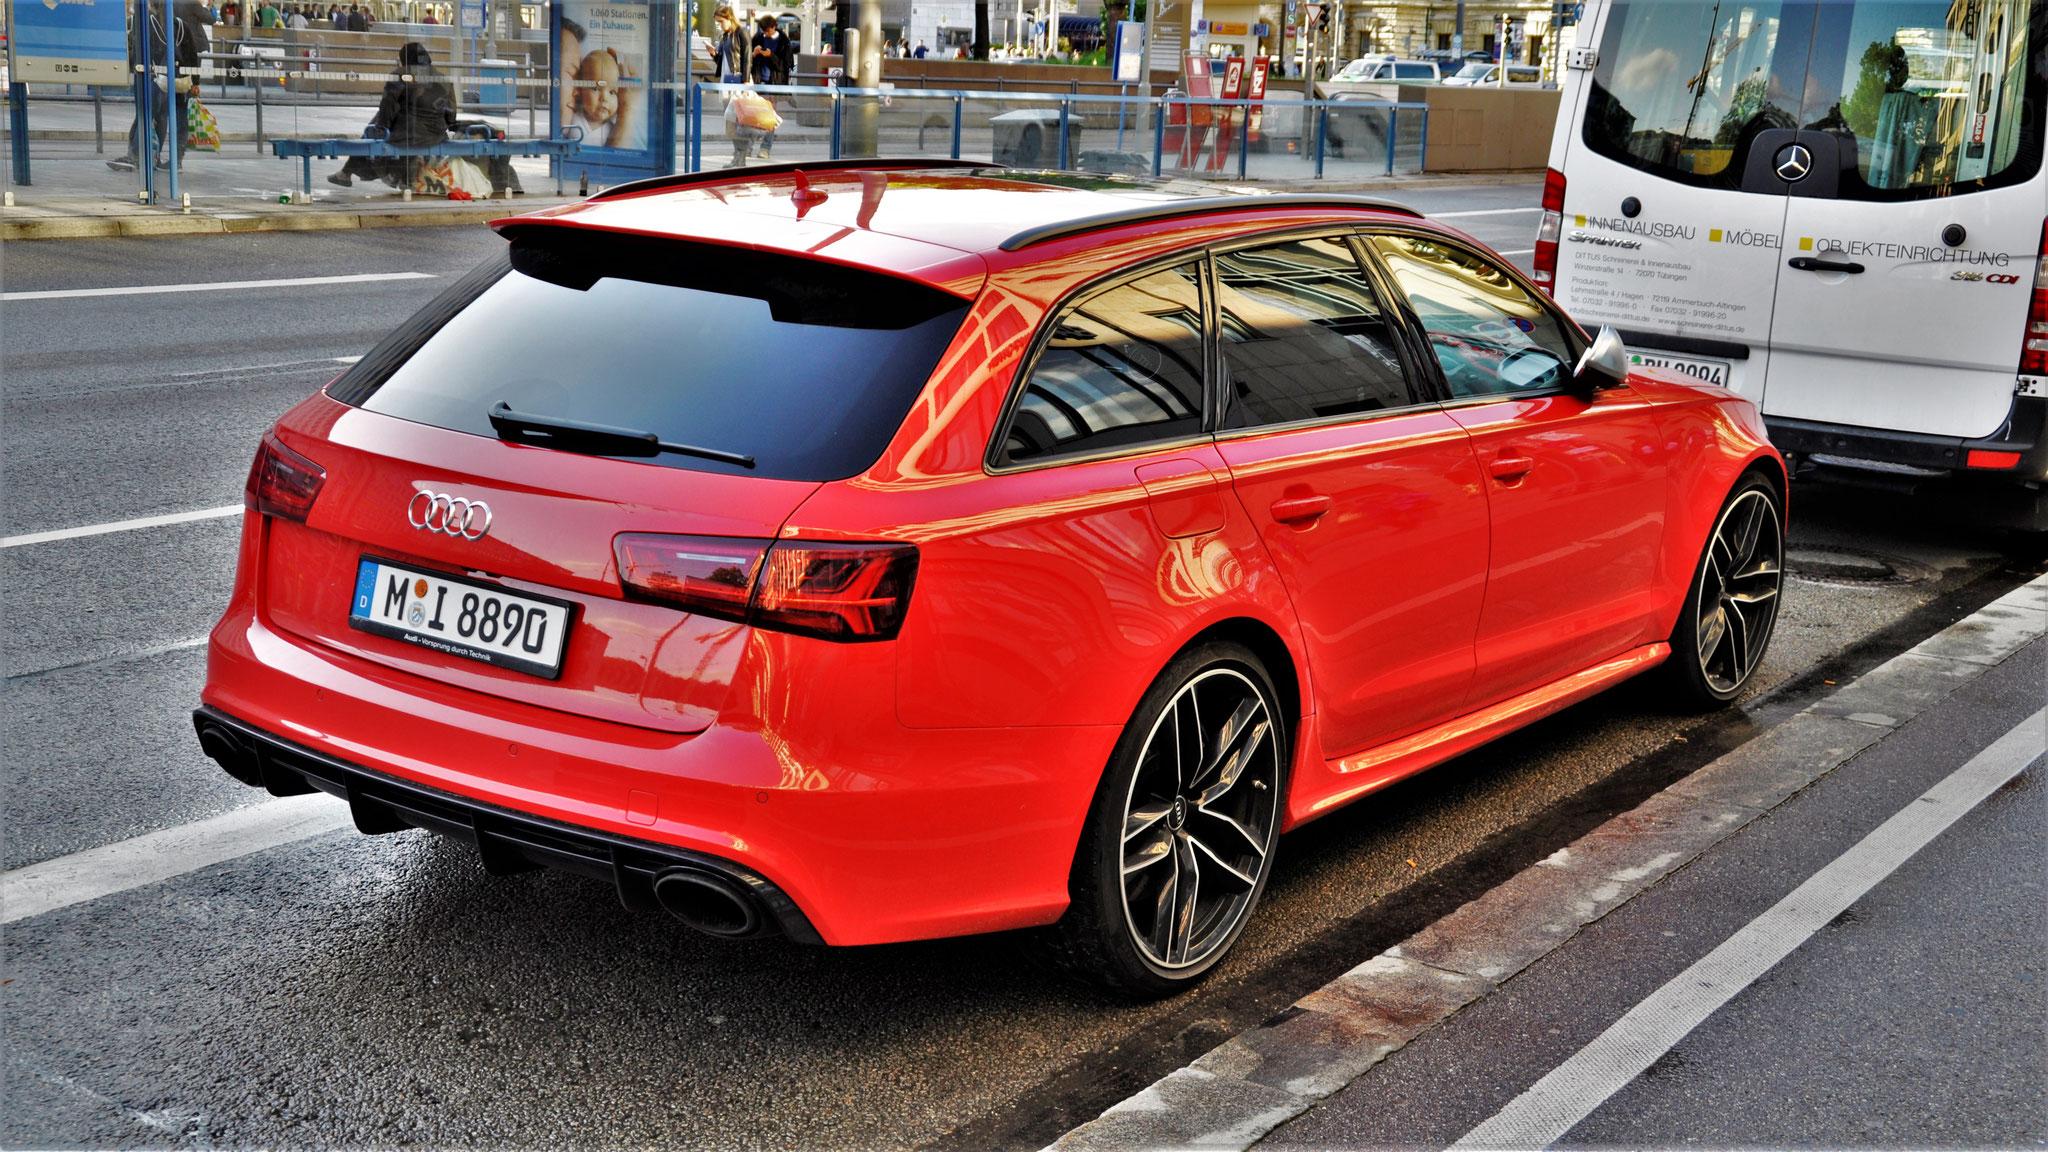 Audi RS6 - M-I-8890